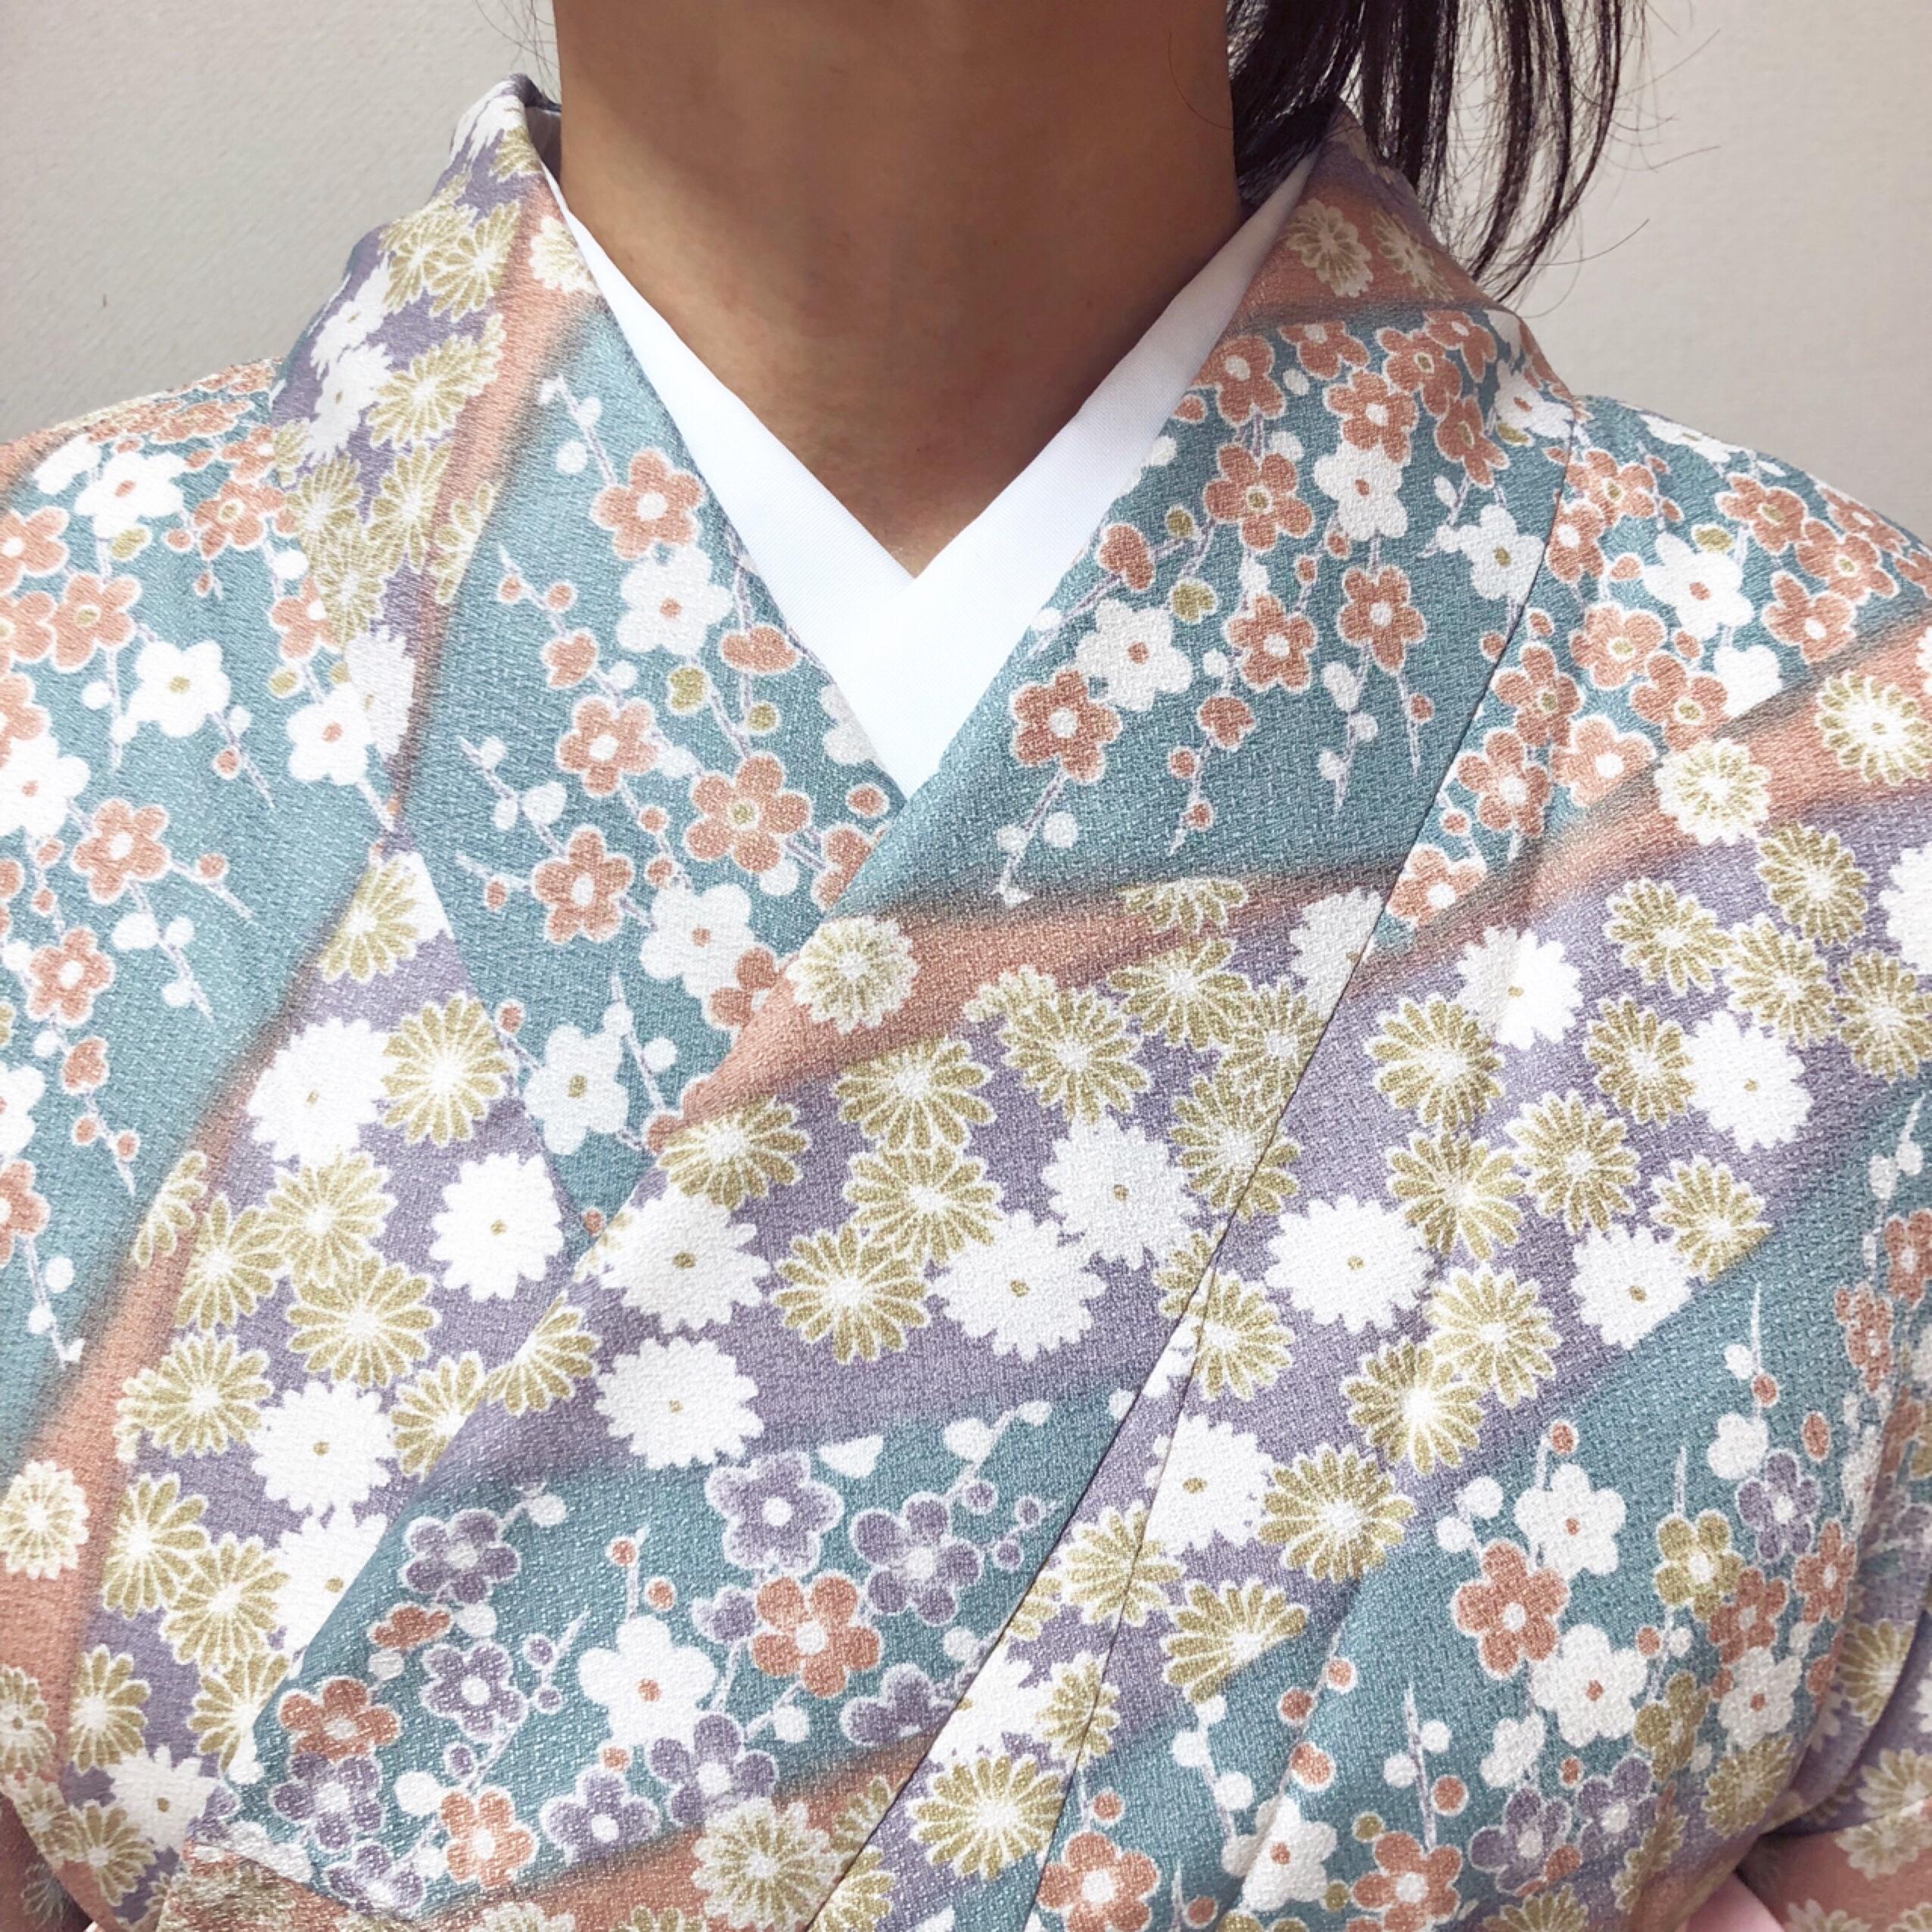 着せ付け単発レッスンからご自分の着付けのレッスンへ【大阪京橋の着付け教室きものたまより】